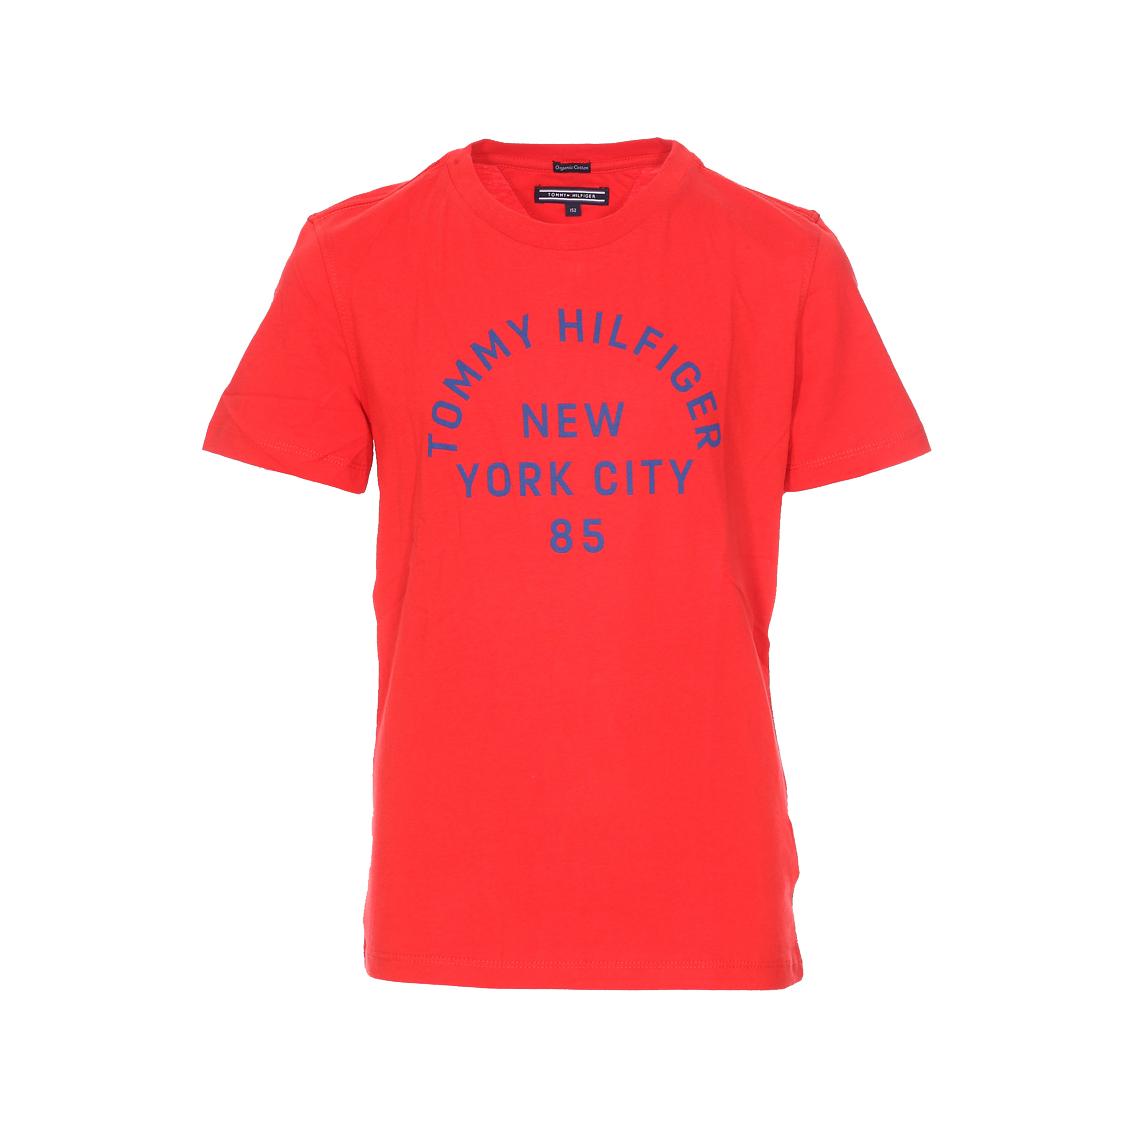 Tee-shirt col rond  ame bright graphic en coton biologique rouge floqué